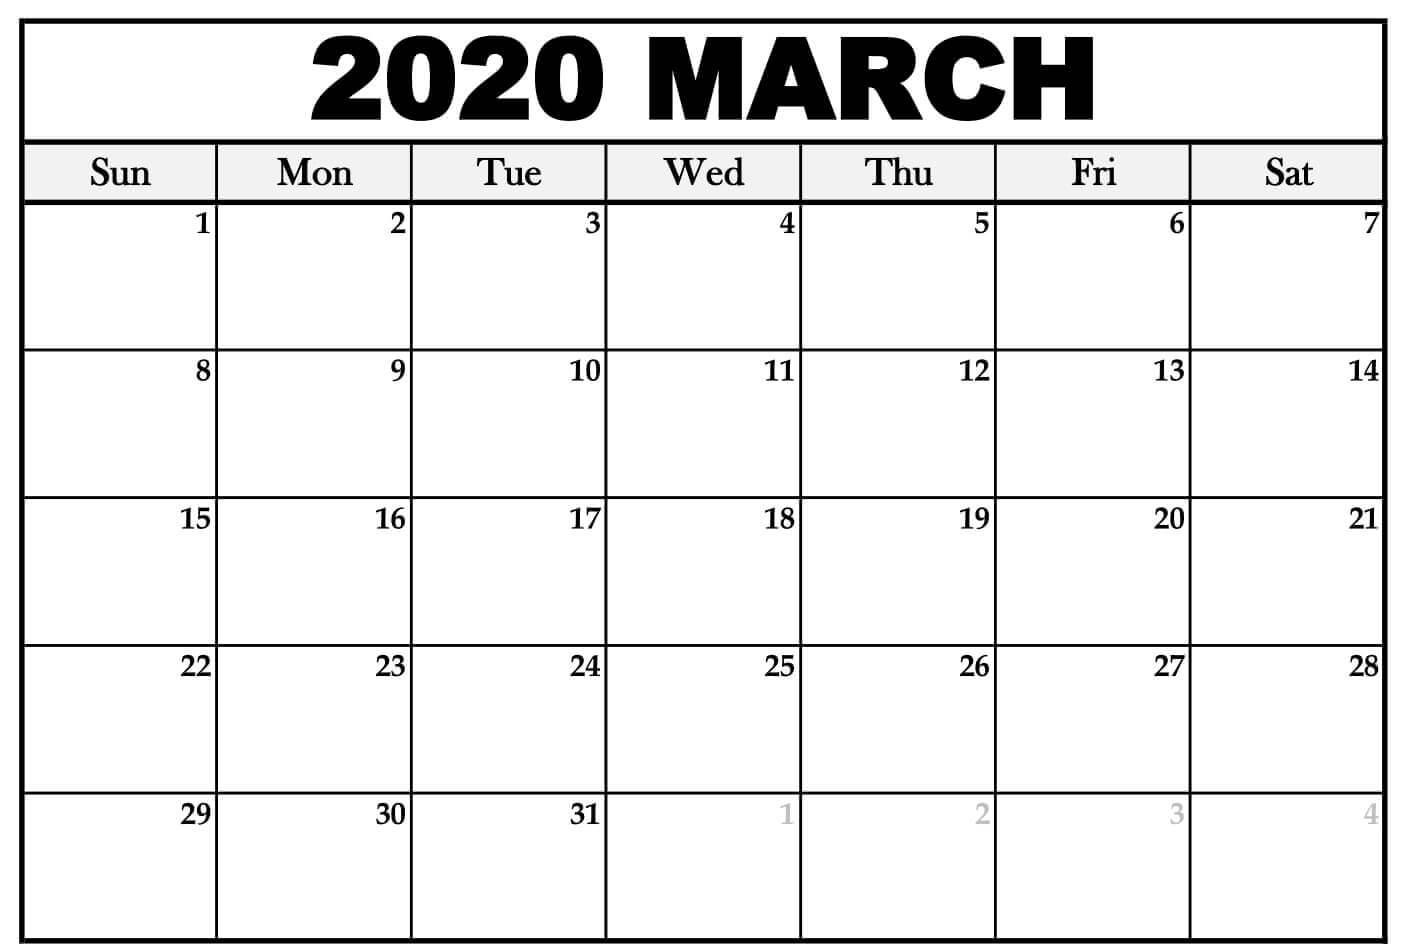 Free March Calendar 2020 Word